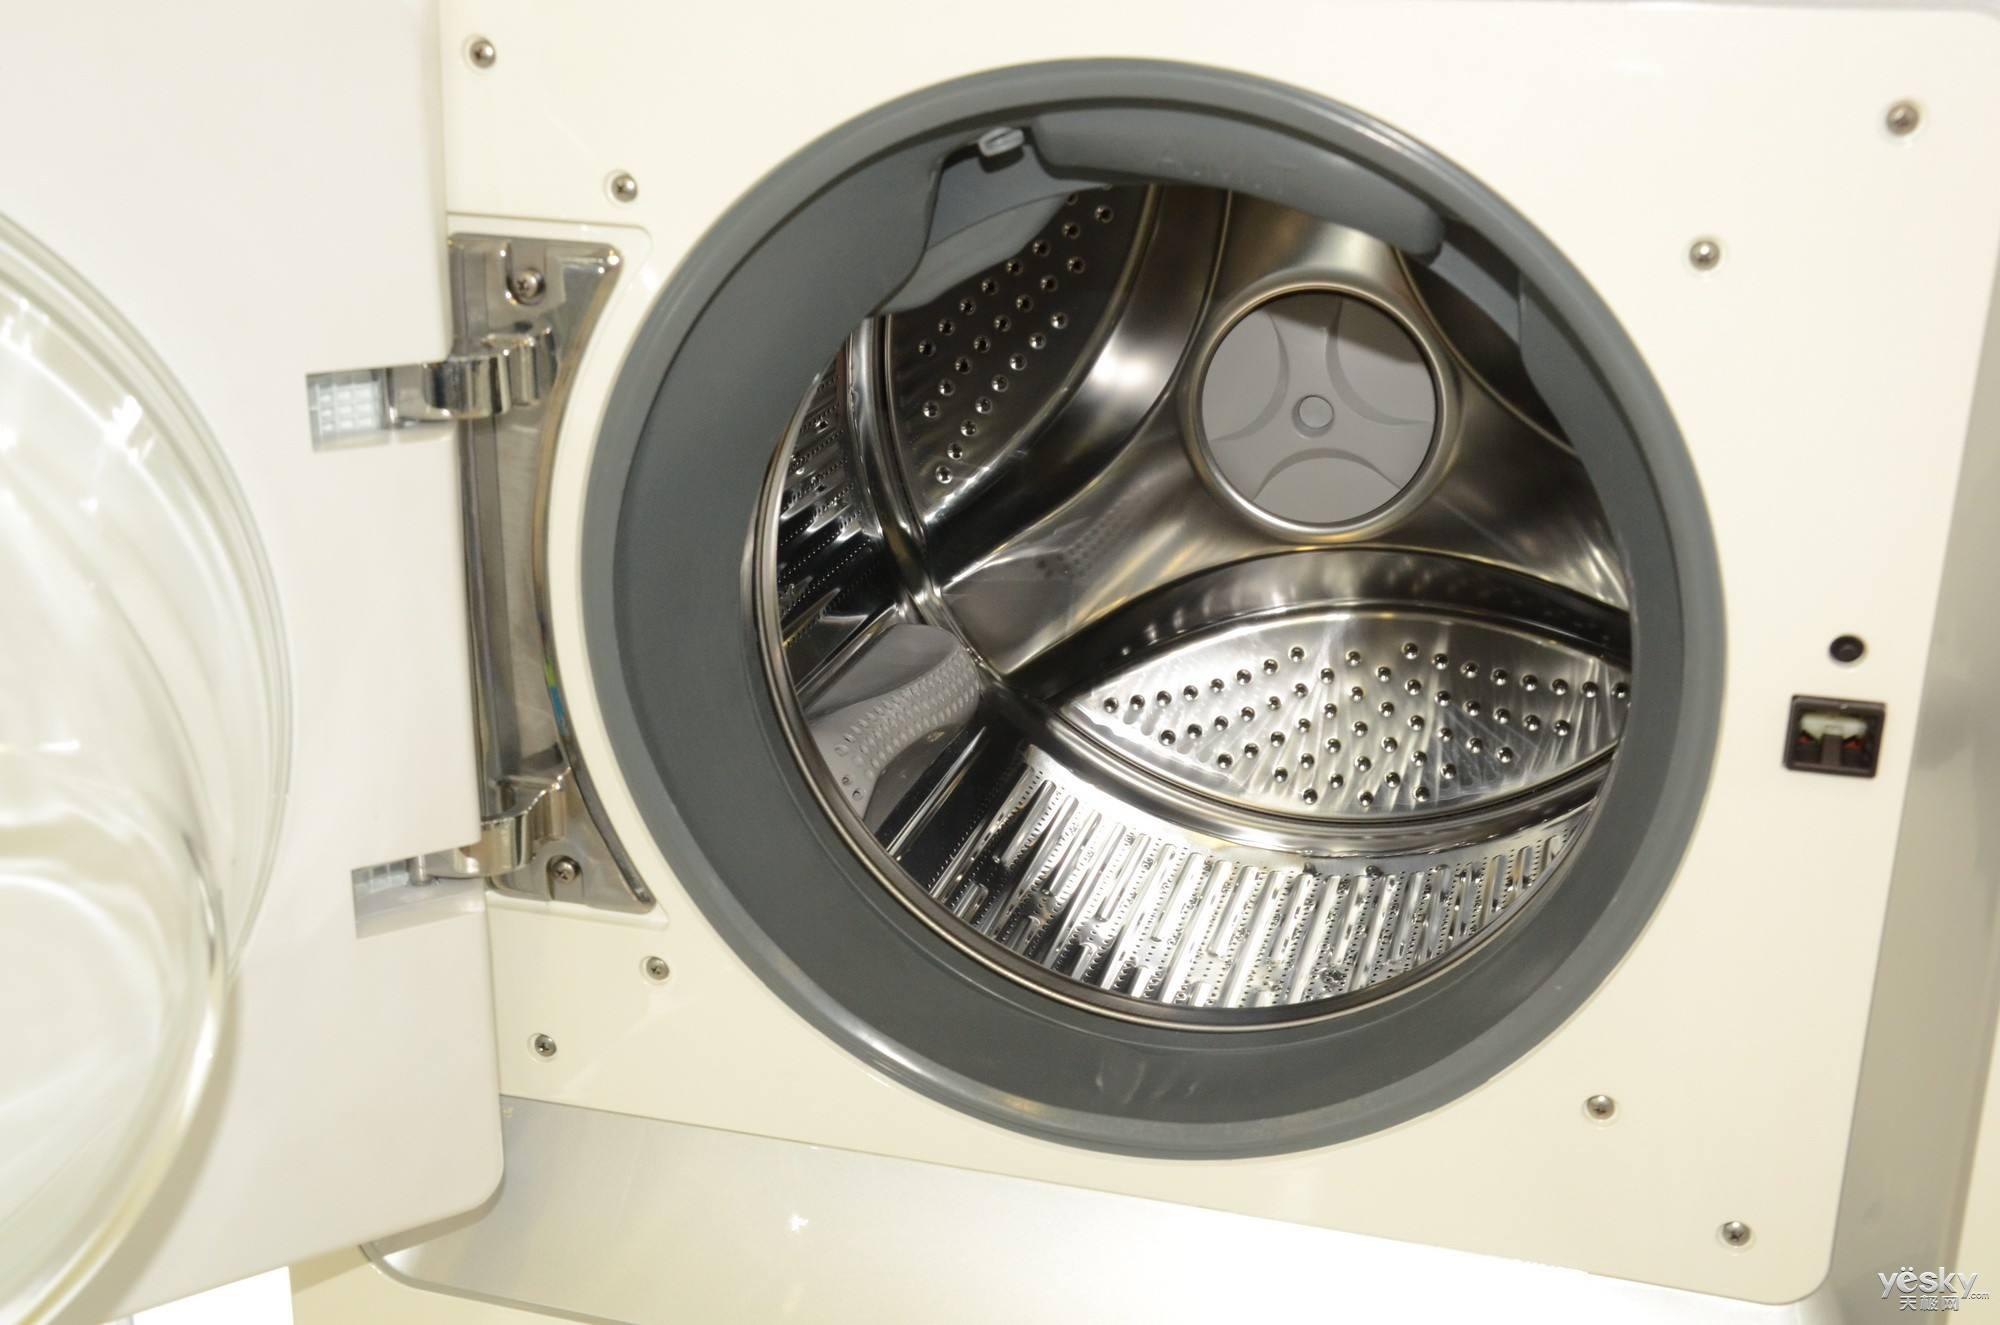 卡萨帝洗衣机定位母婴社群提升高端洗护体验